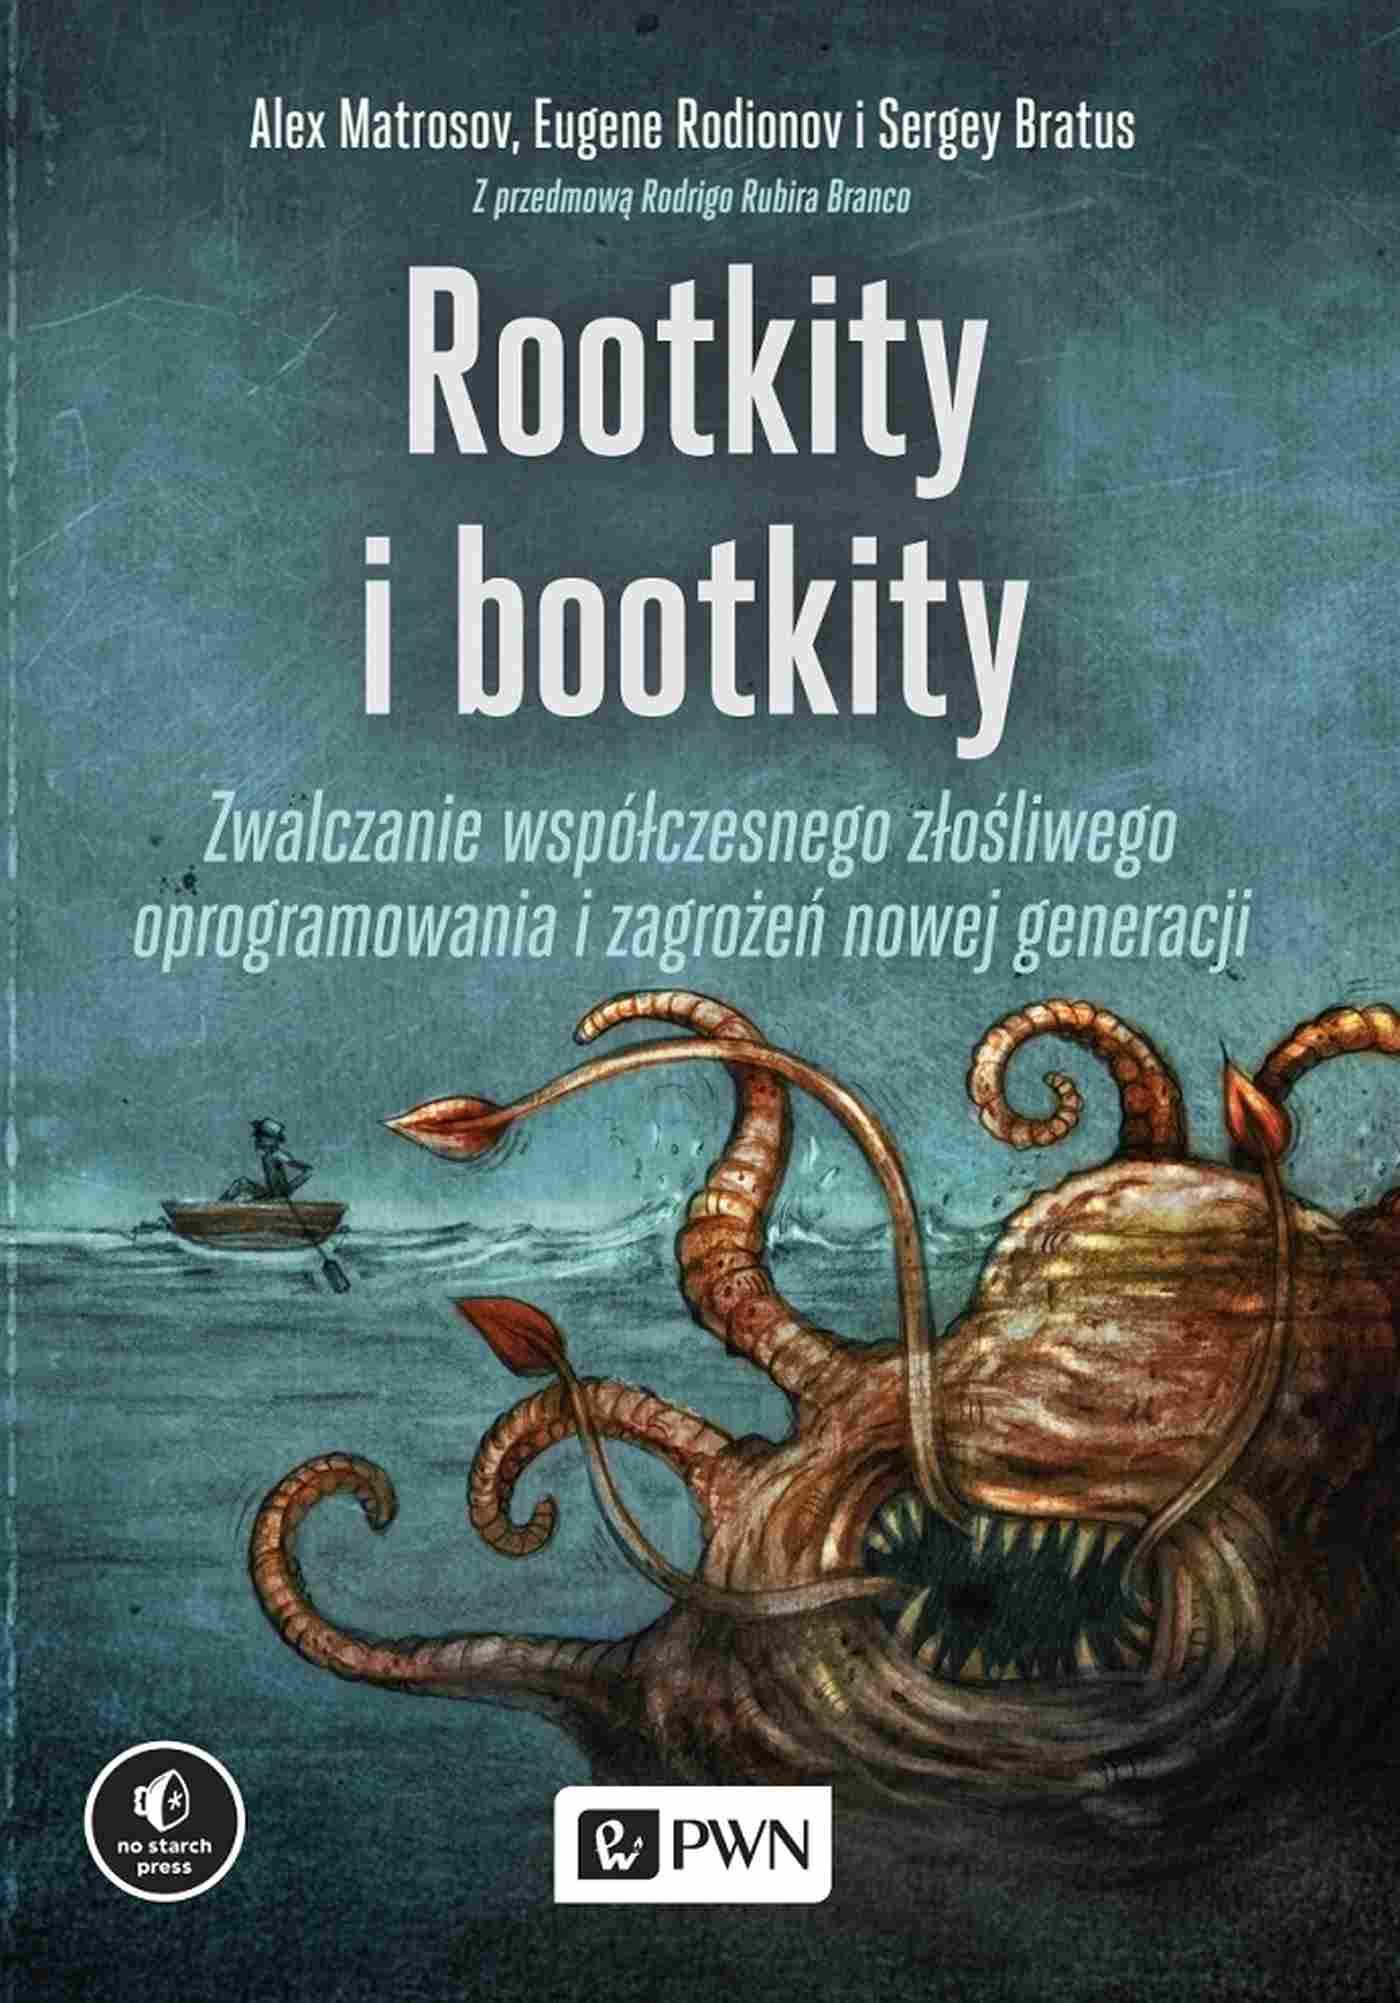 Rootkity i bootkity. Zwalczanie współczesnego złośliwego oprogramowania i zagrożeń nowej generacji